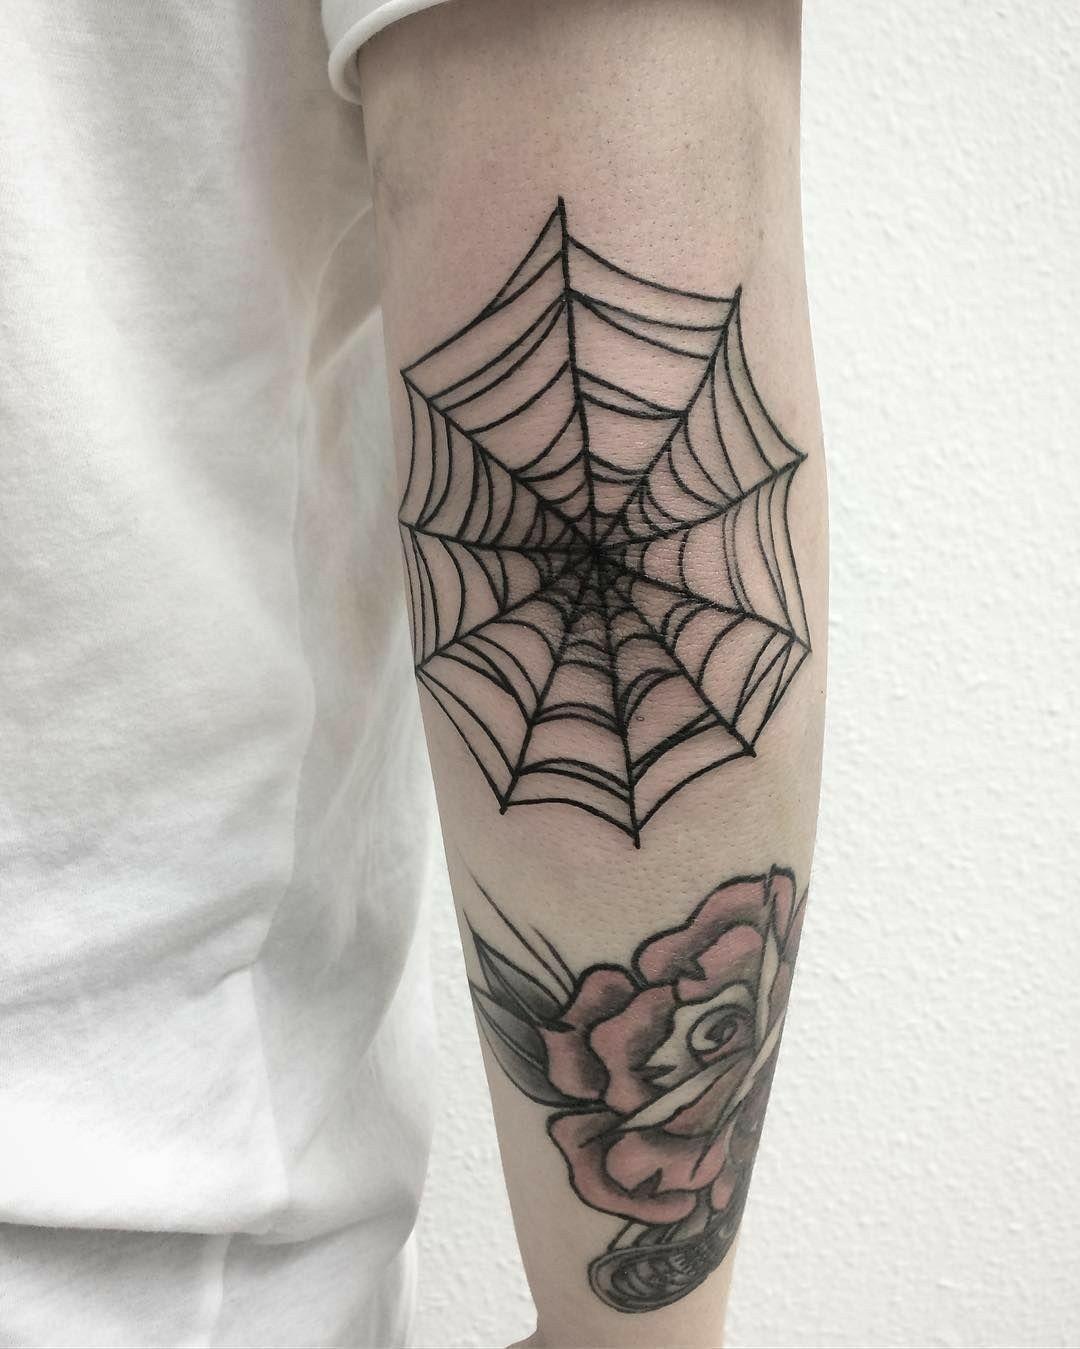 Pin De Juliana Omena Em Tatuagens Tatuagens No Cotovelo Tatuagens Modernas E Tatuagem De Teia De Aranha